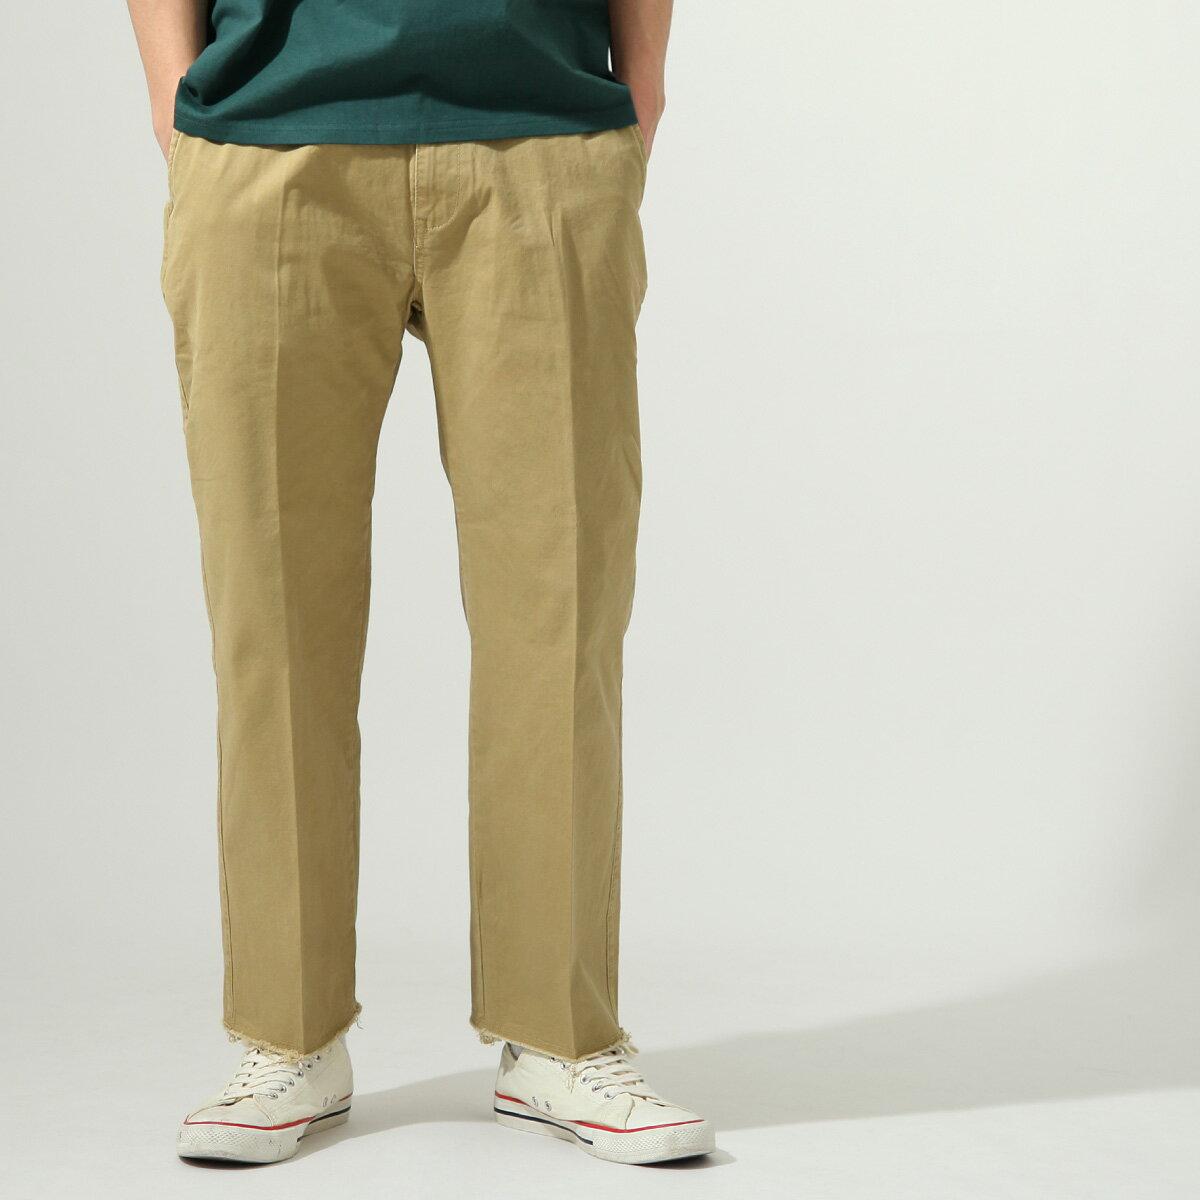 【New】ZIP 素色寬褲 立體折線 1